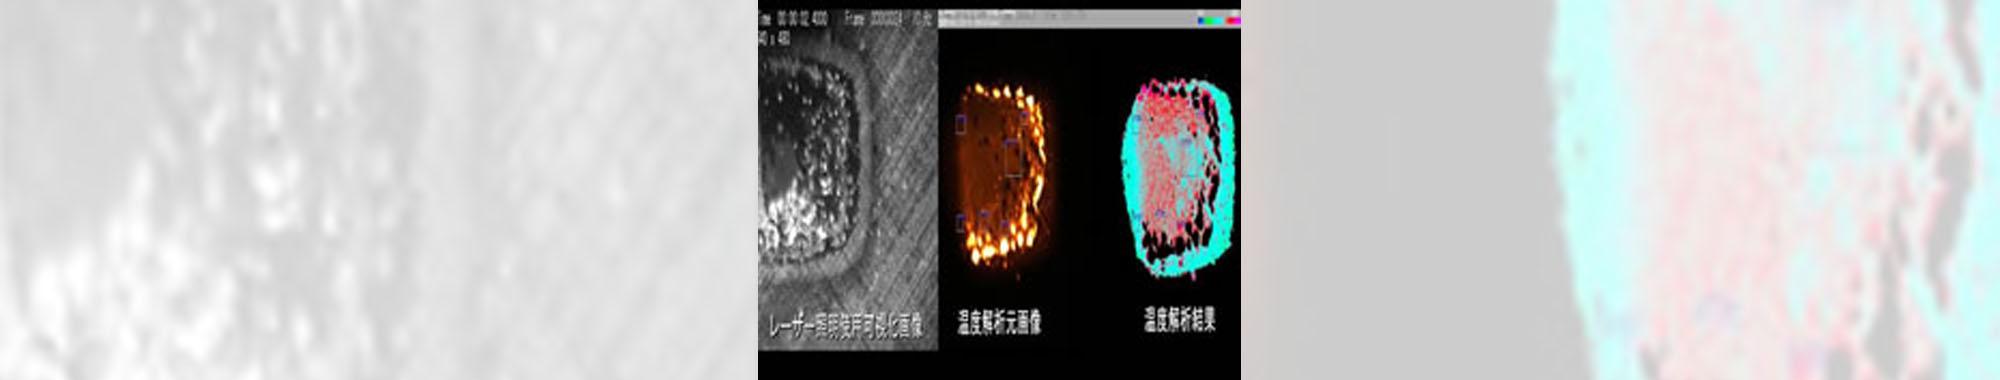 レーザーメタルデポジション金属3Dプリンターの温度計測事例